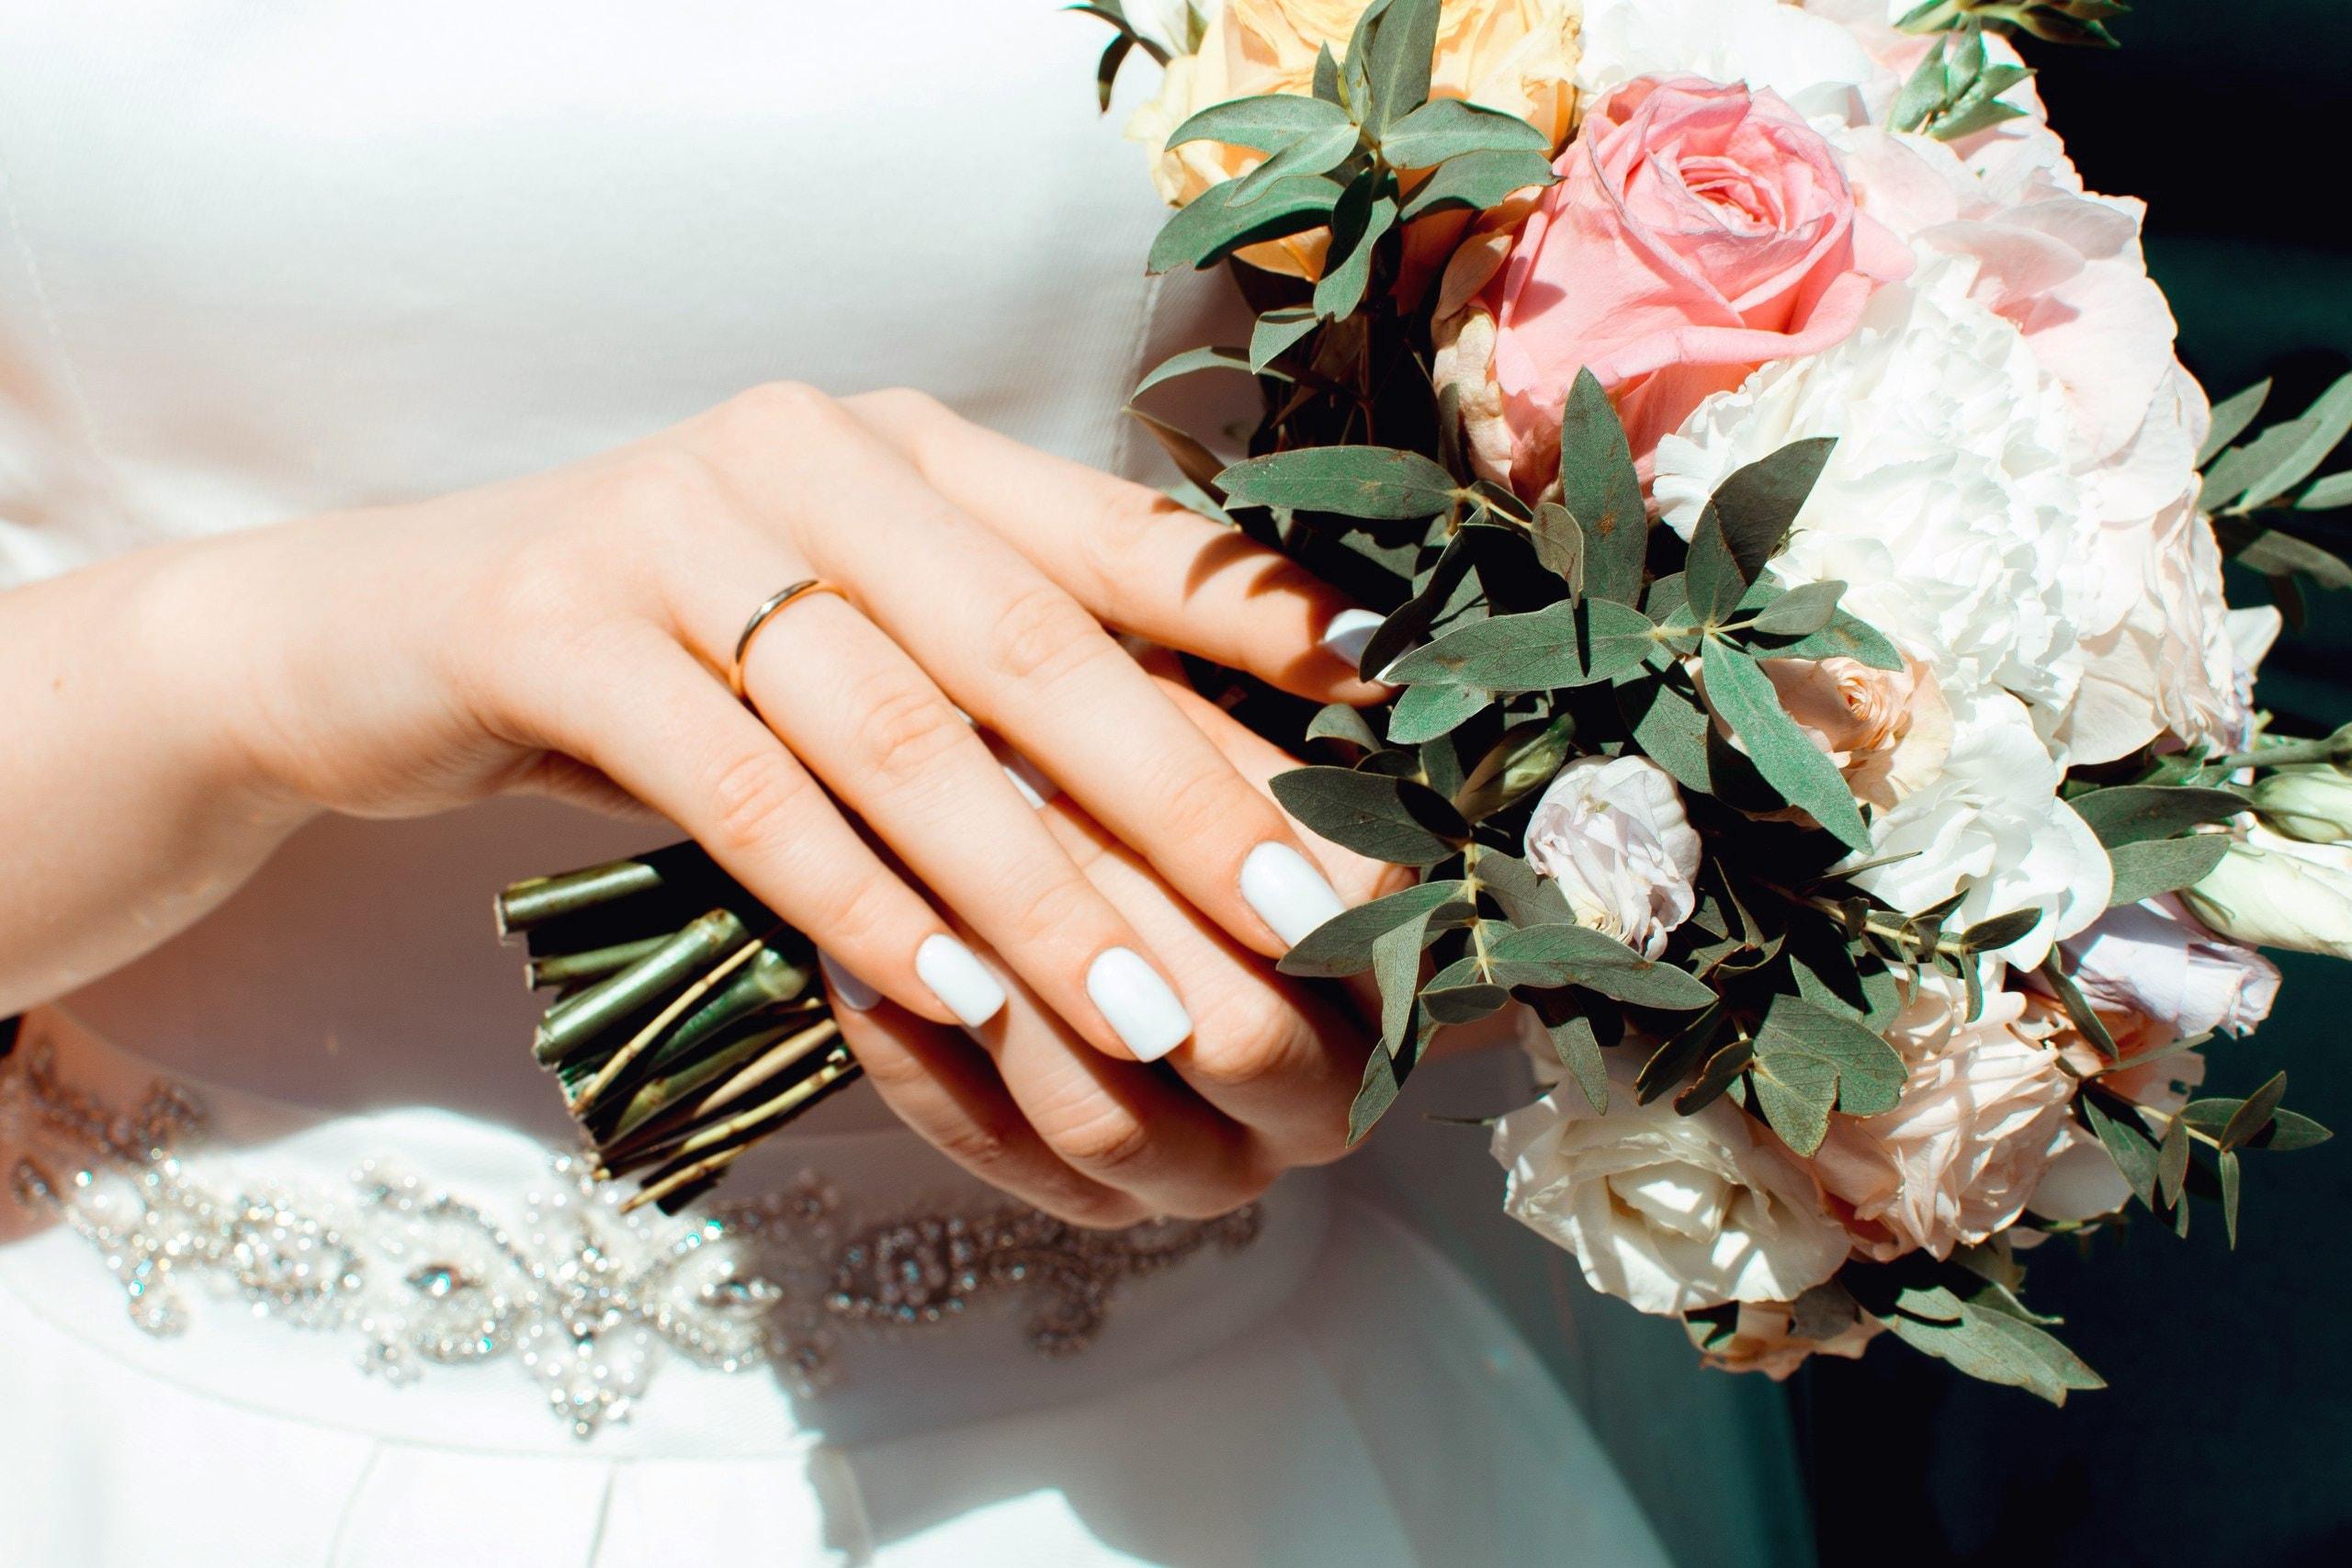 結婚報告ハガキを自分で作る!自作・作成のコツや事例をまとめました